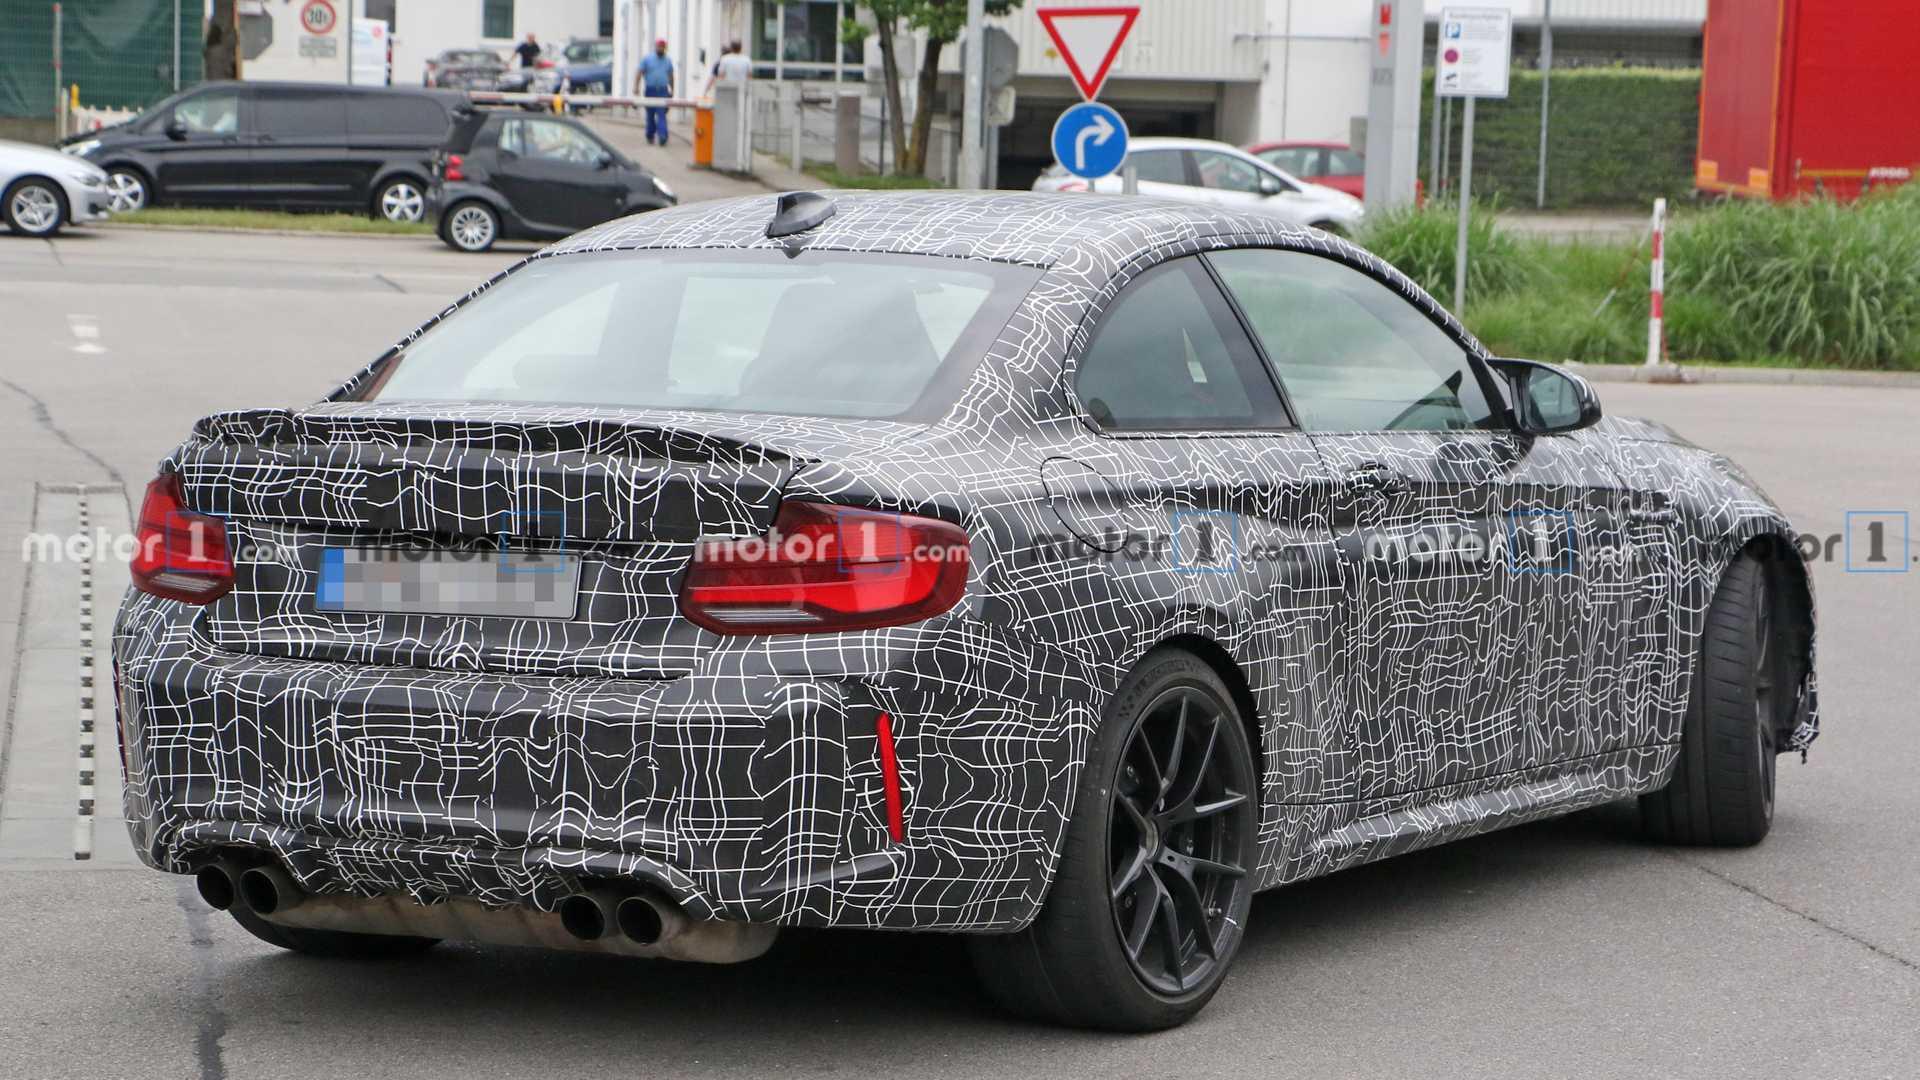 2016 - [BMW] M2 [F87] - Page 11 2020-bmw-m2-cs-spy-photo